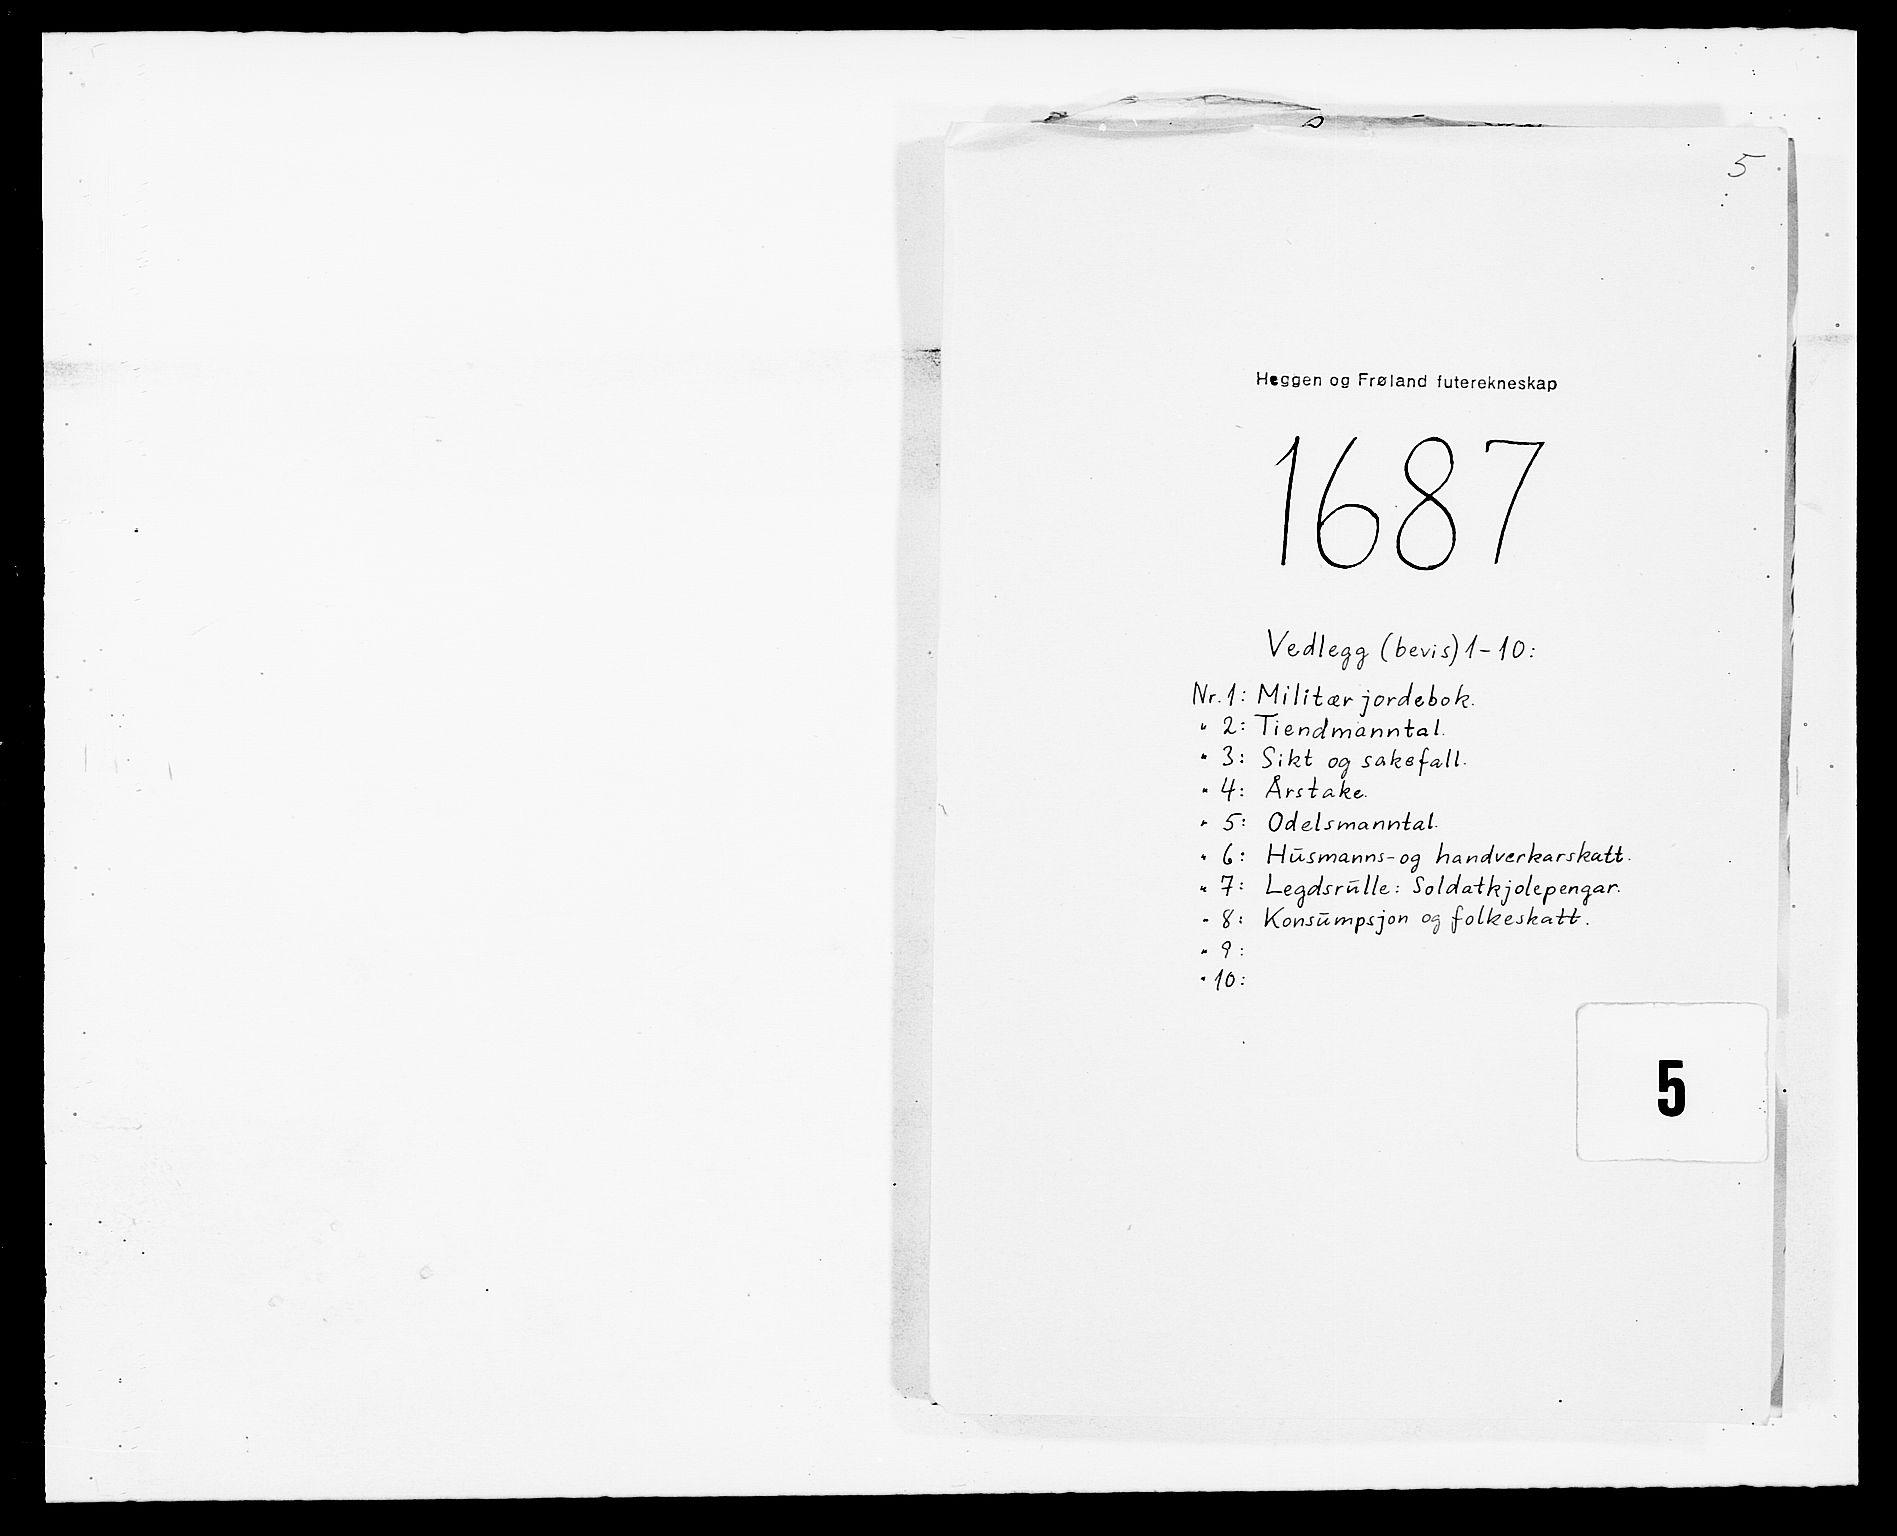 RA, Rentekammeret inntil 1814, Reviderte regnskaper, Fogderegnskap, R06/L0282: Fogderegnskap Heggen og Frøland, 1687-1690, s. 1